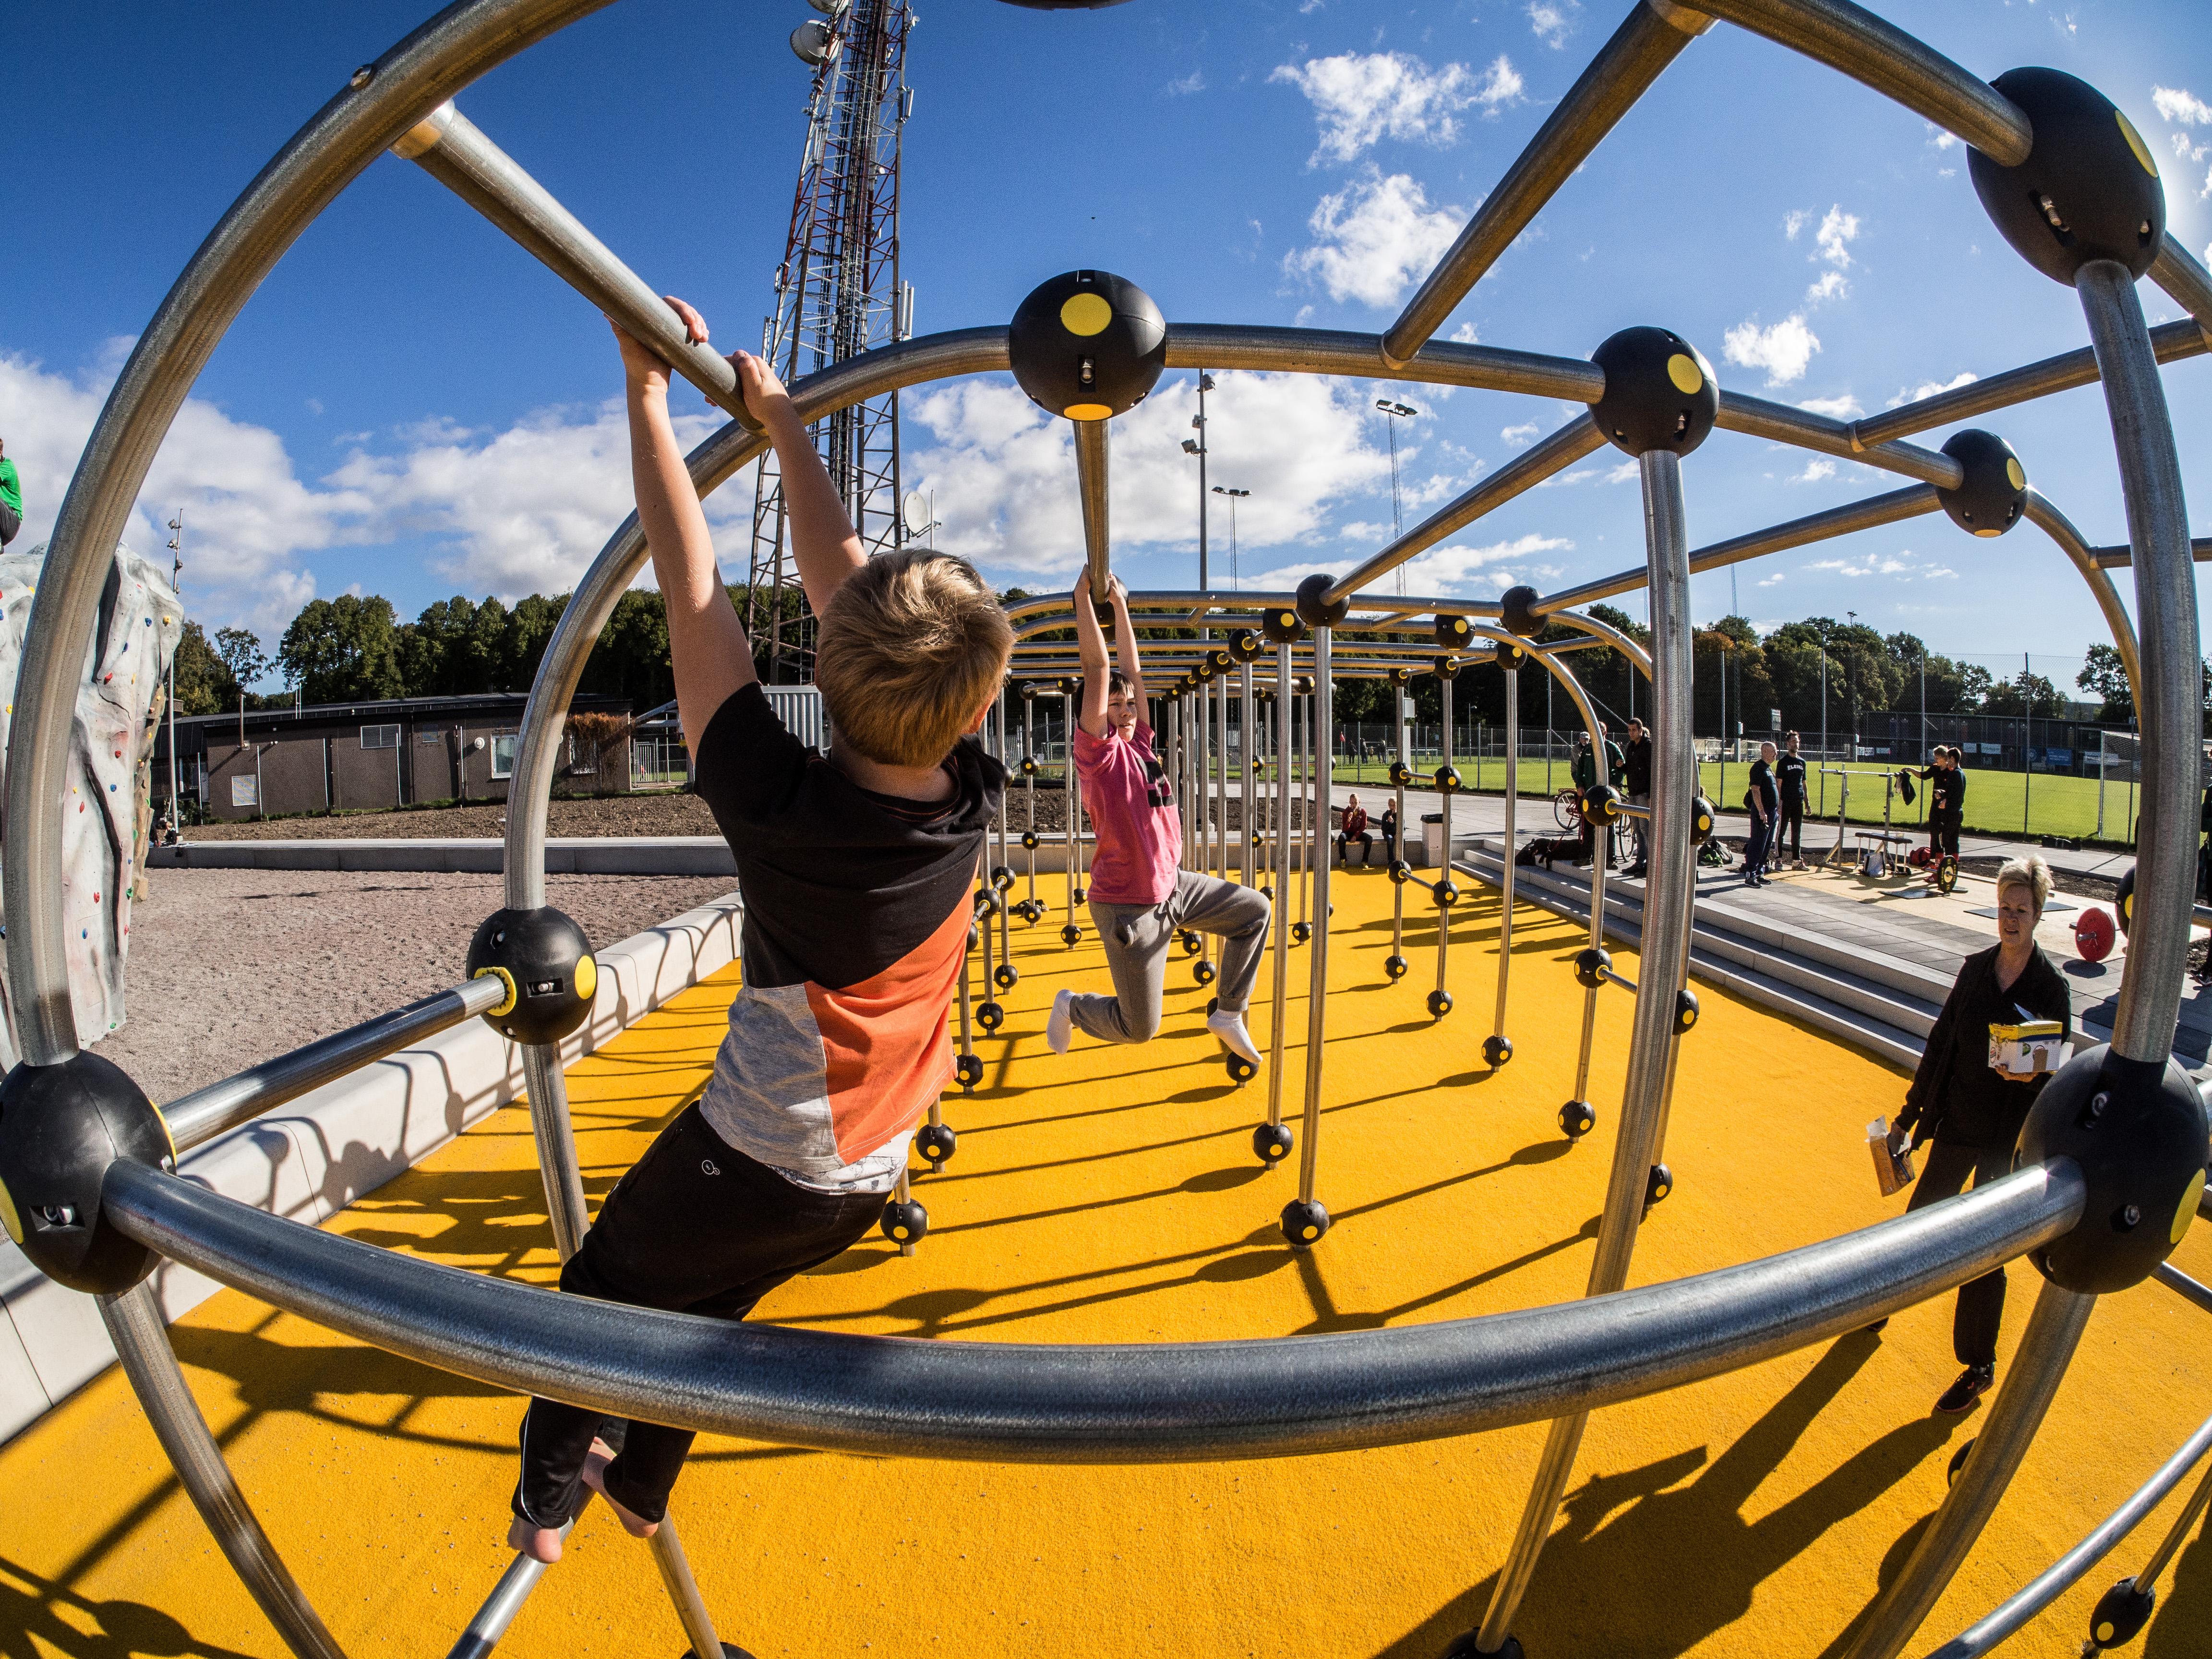 konstgräs fallskydd lekplats unisport